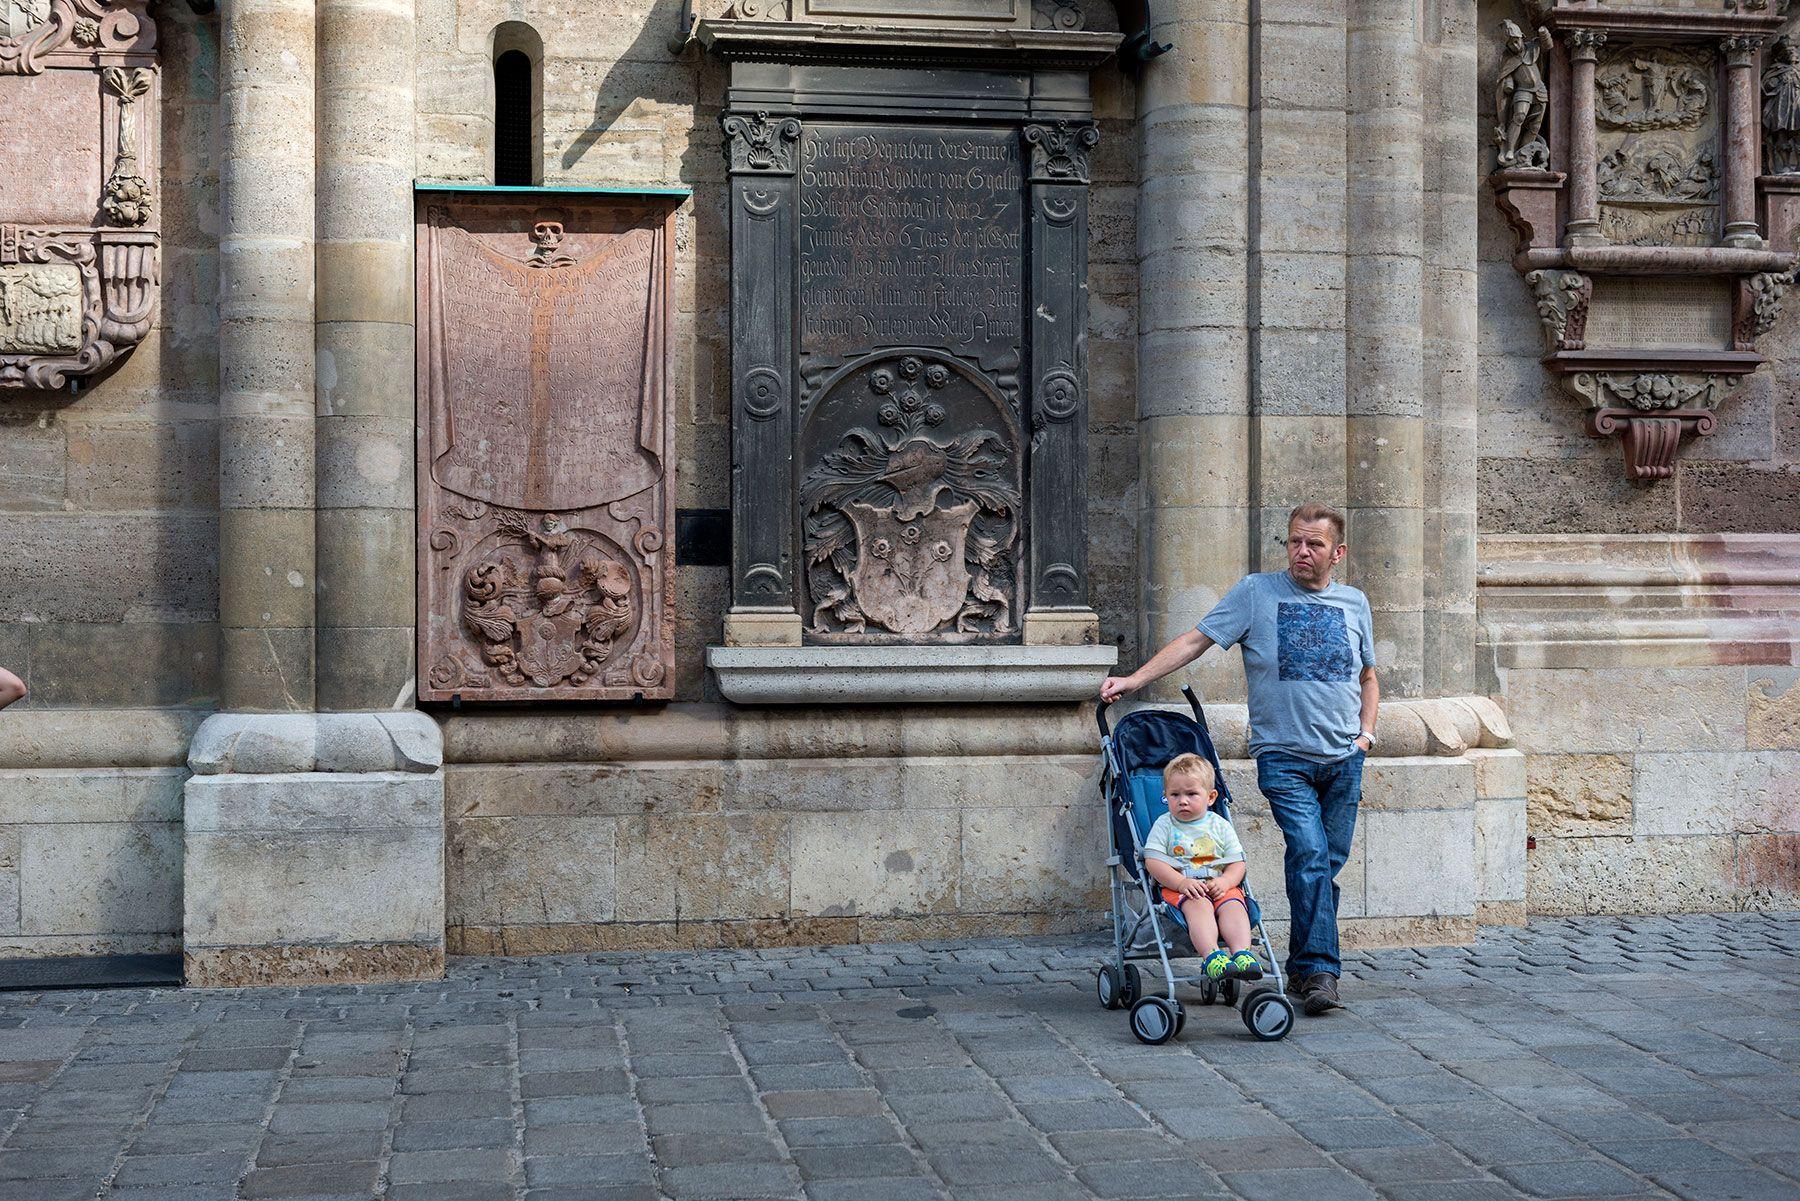 Atardece sobre la fachada de la catedral de Viena